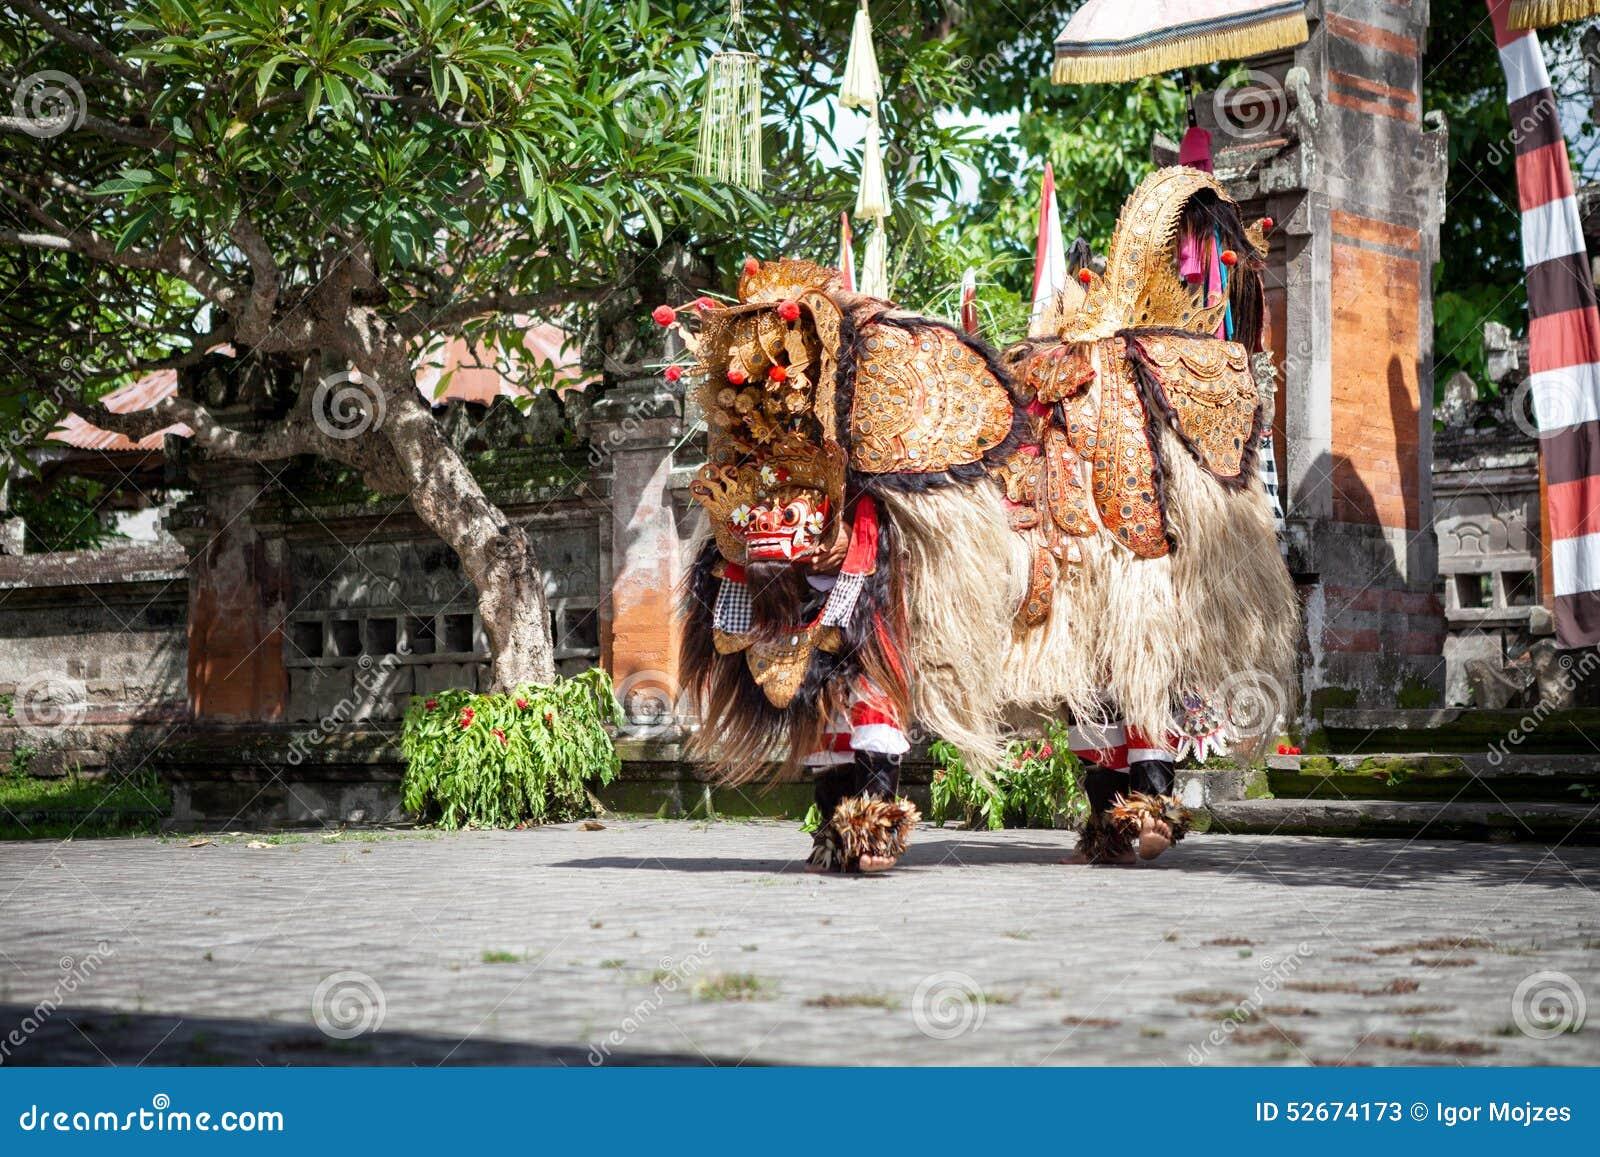 Выставка танца Barong, индонезийская мифология выполняет